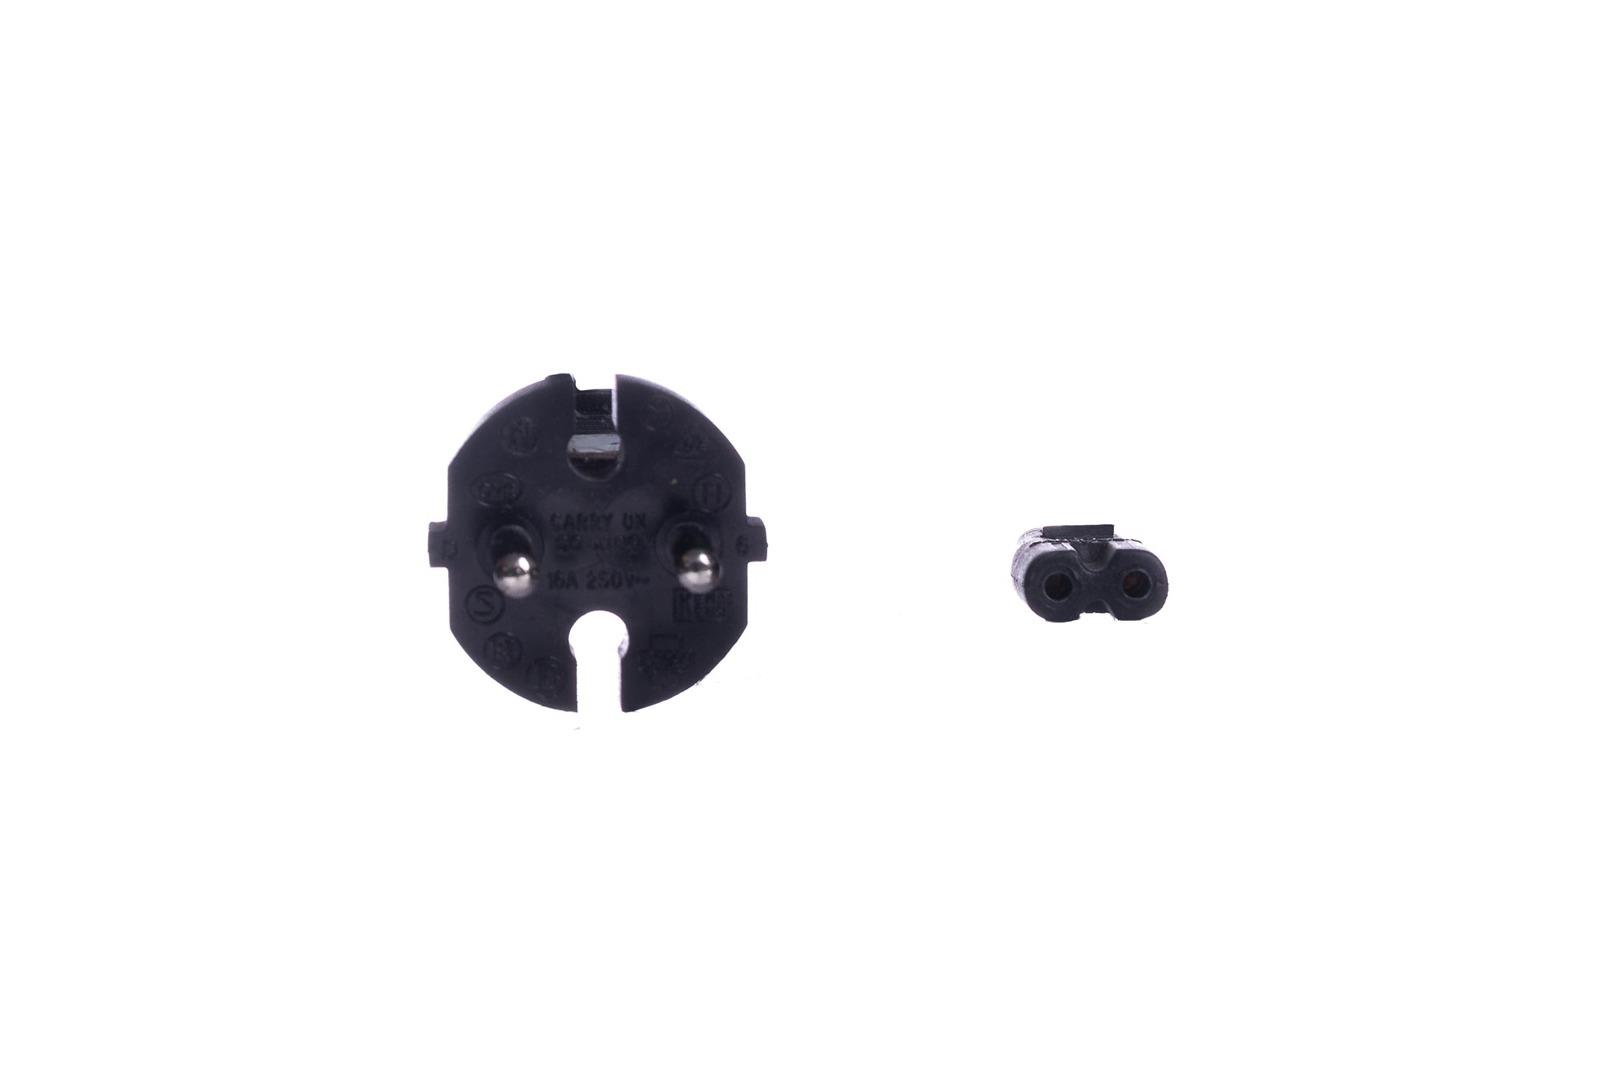 Kabel Carry On C0-006 dubeltówka EU 2m